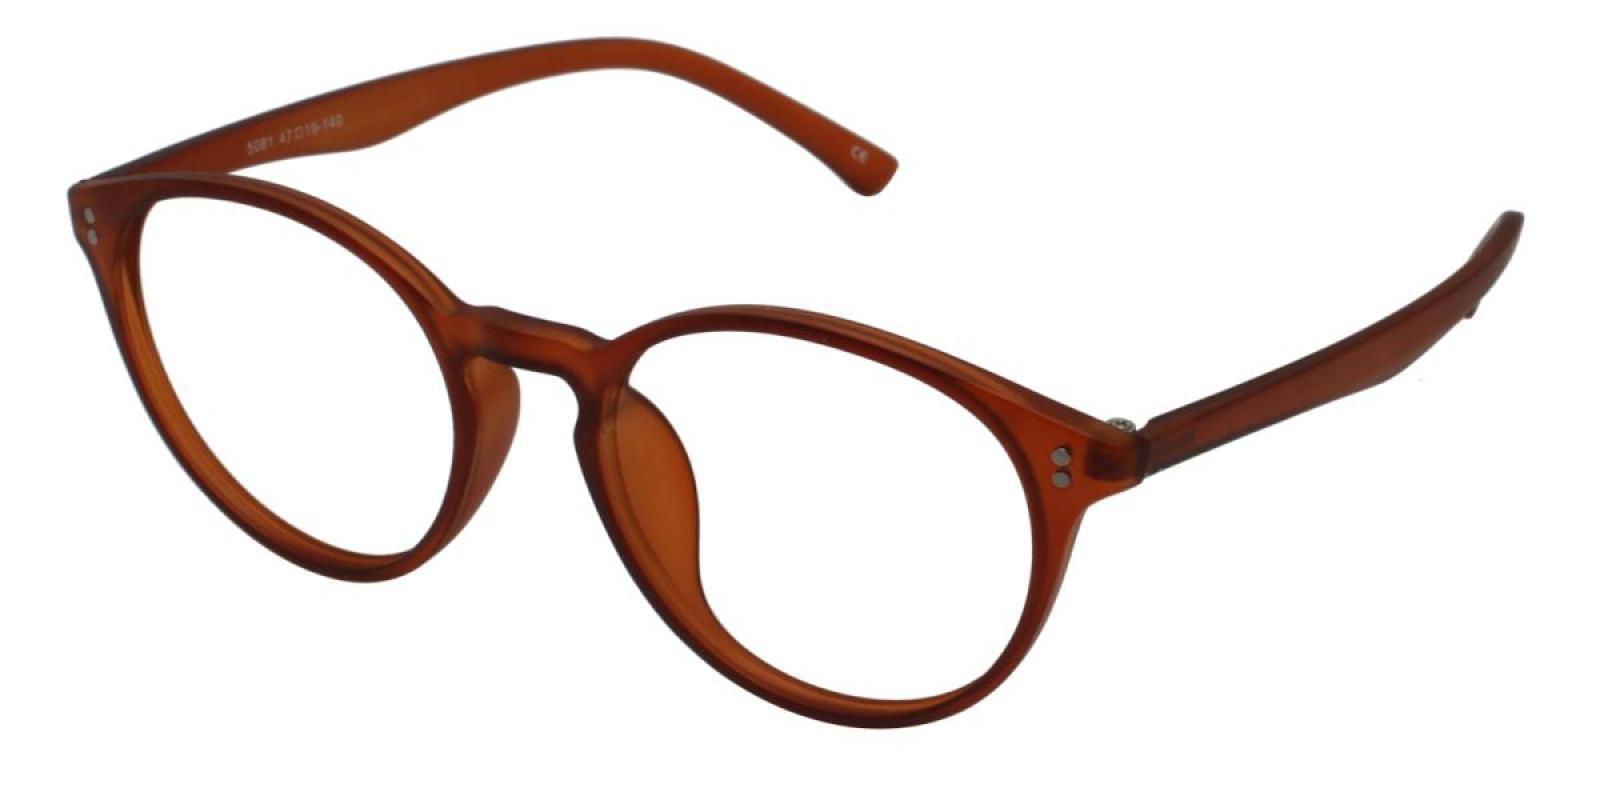 Morning-Brown-Round-TR-Eyeglasses-detail